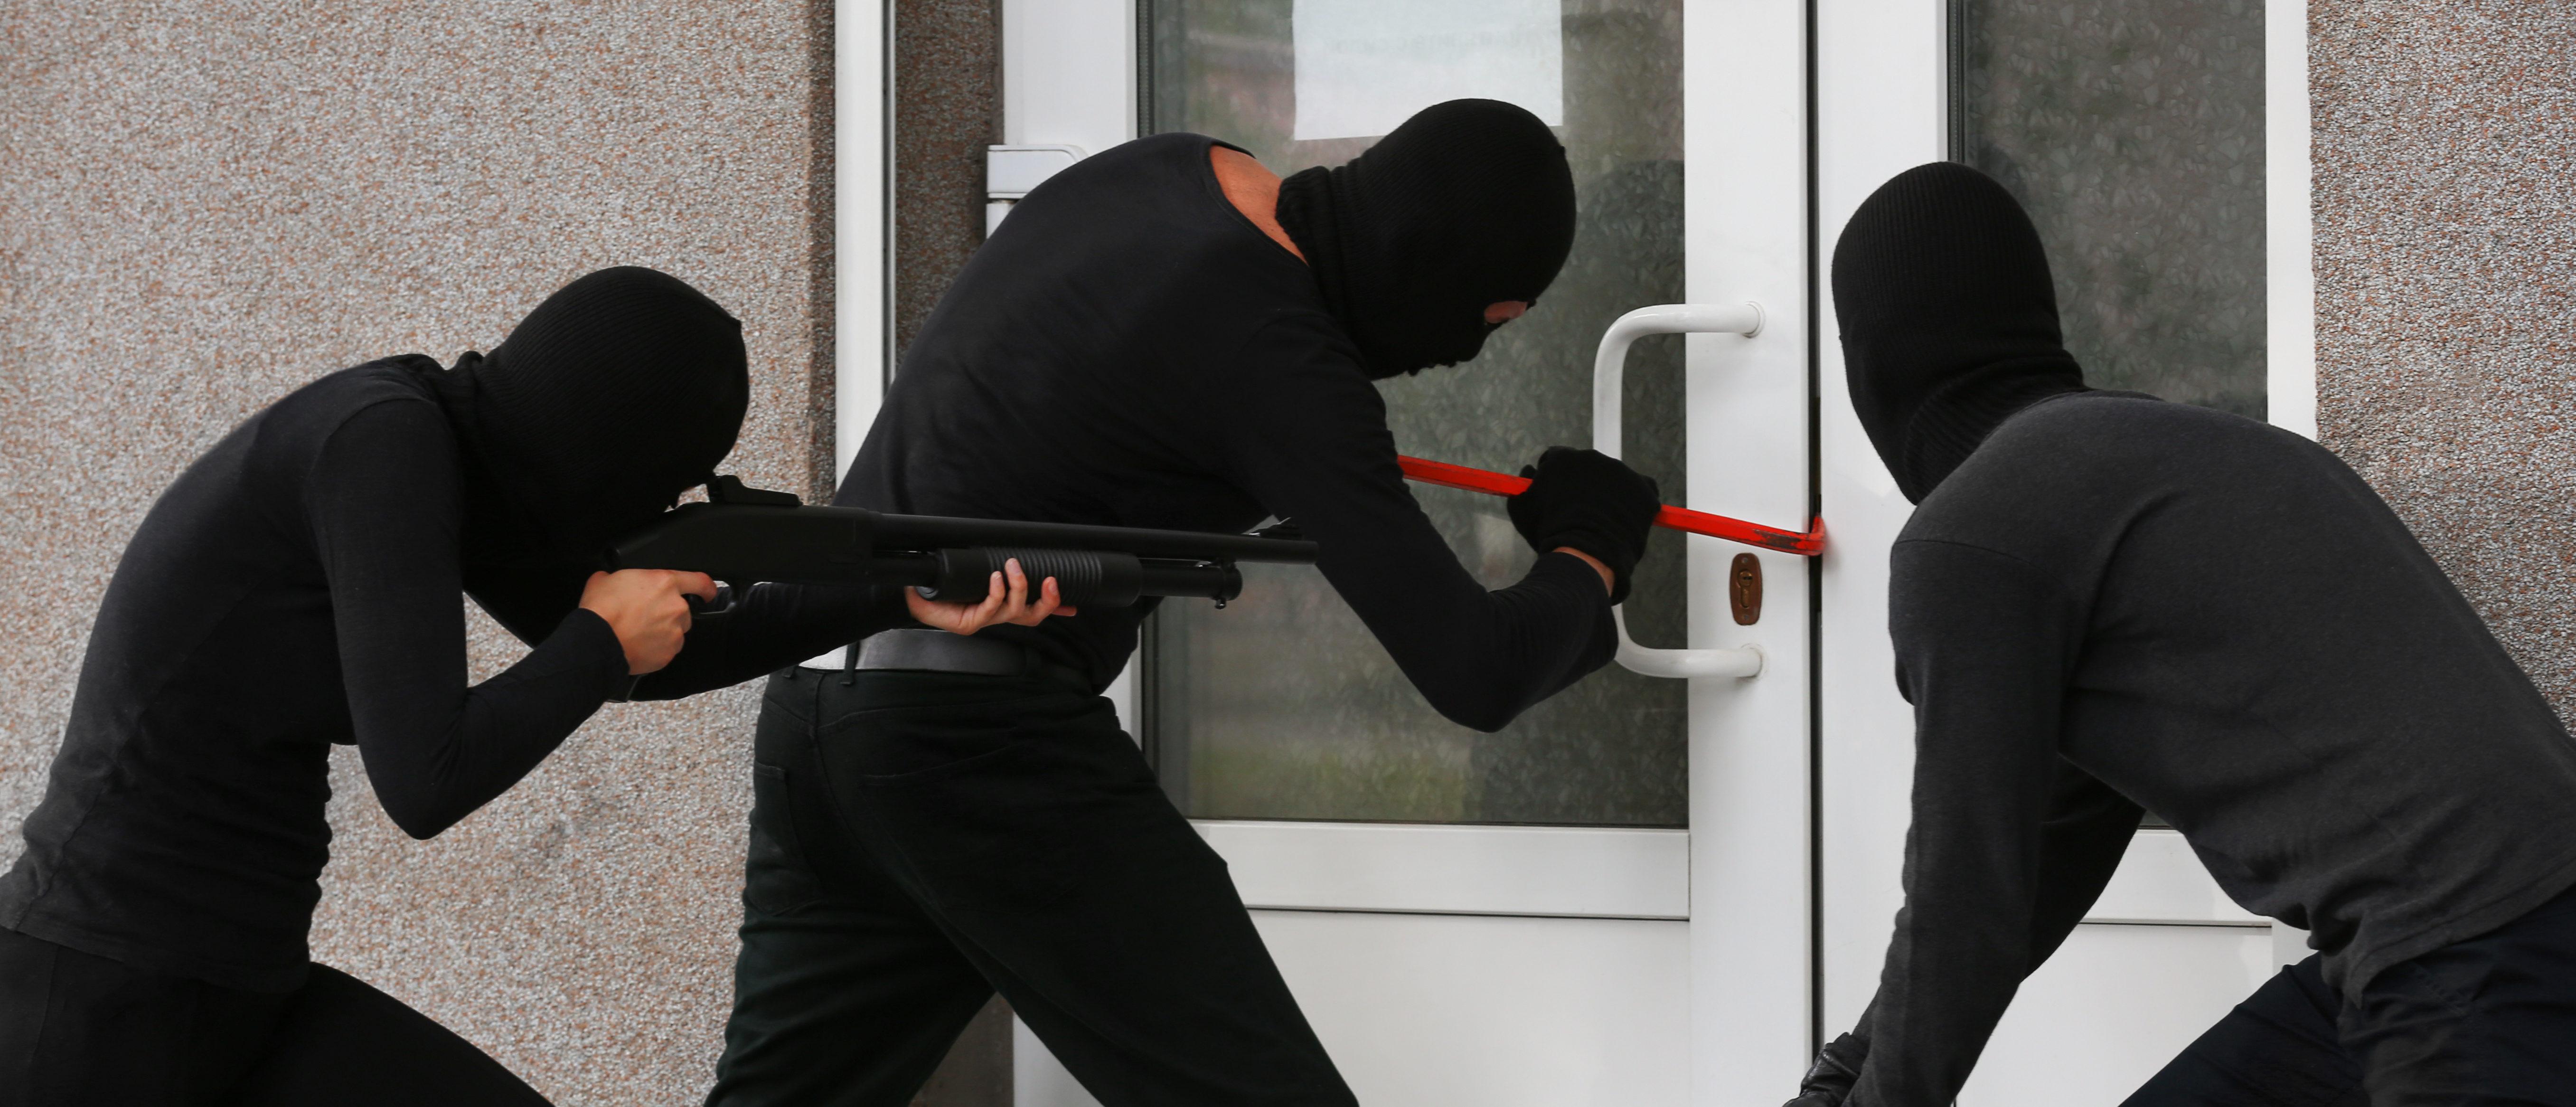 Armed robbers, Shutterstcok